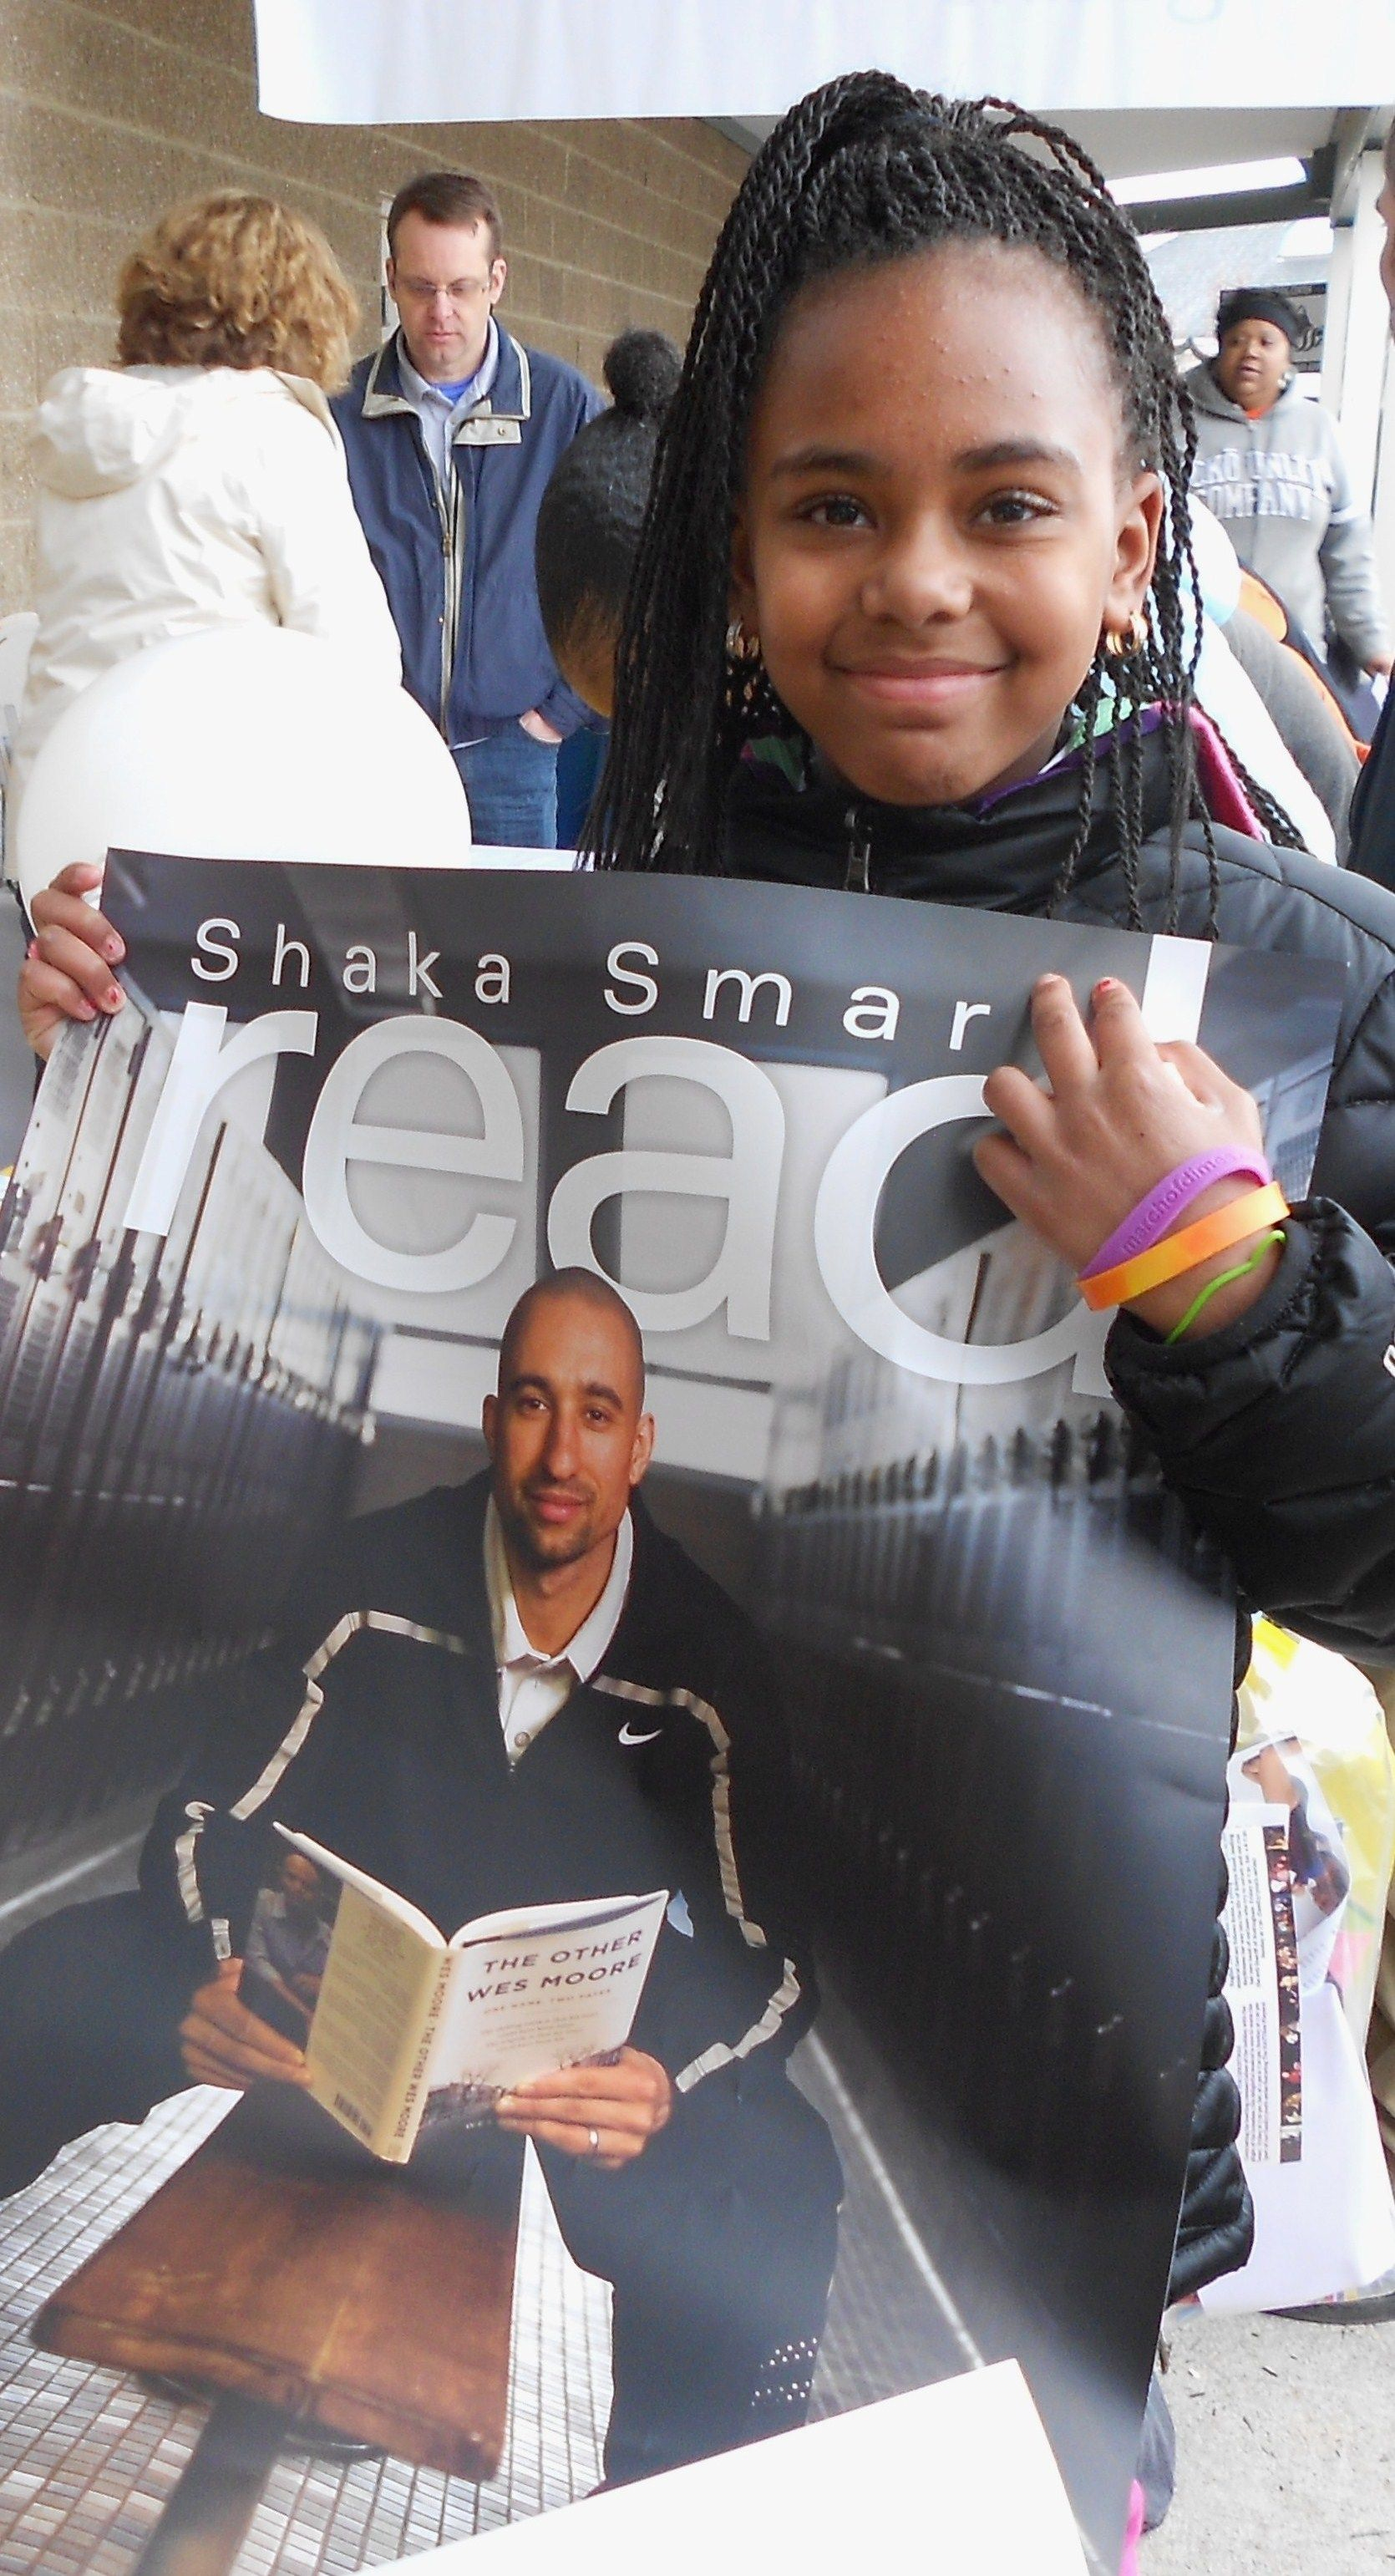 VCU Head Basketball Coach Shaka Smart encourages